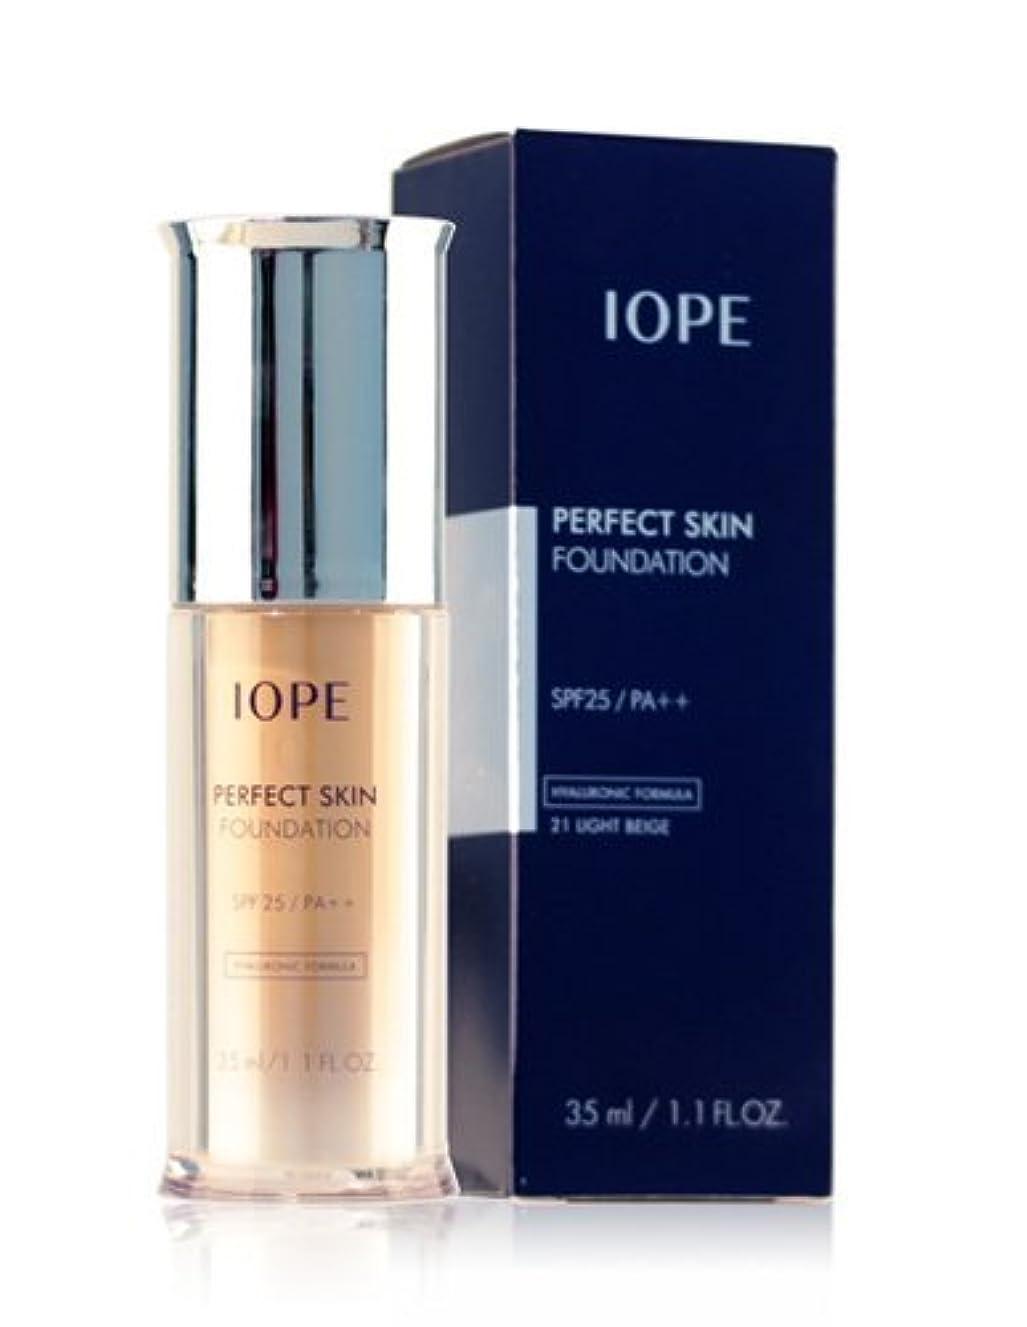 ネットアトム日没Amore Pacific IOPE Perfect Skin Foundation (spf 25, pa++) no.21 light beige 35ml